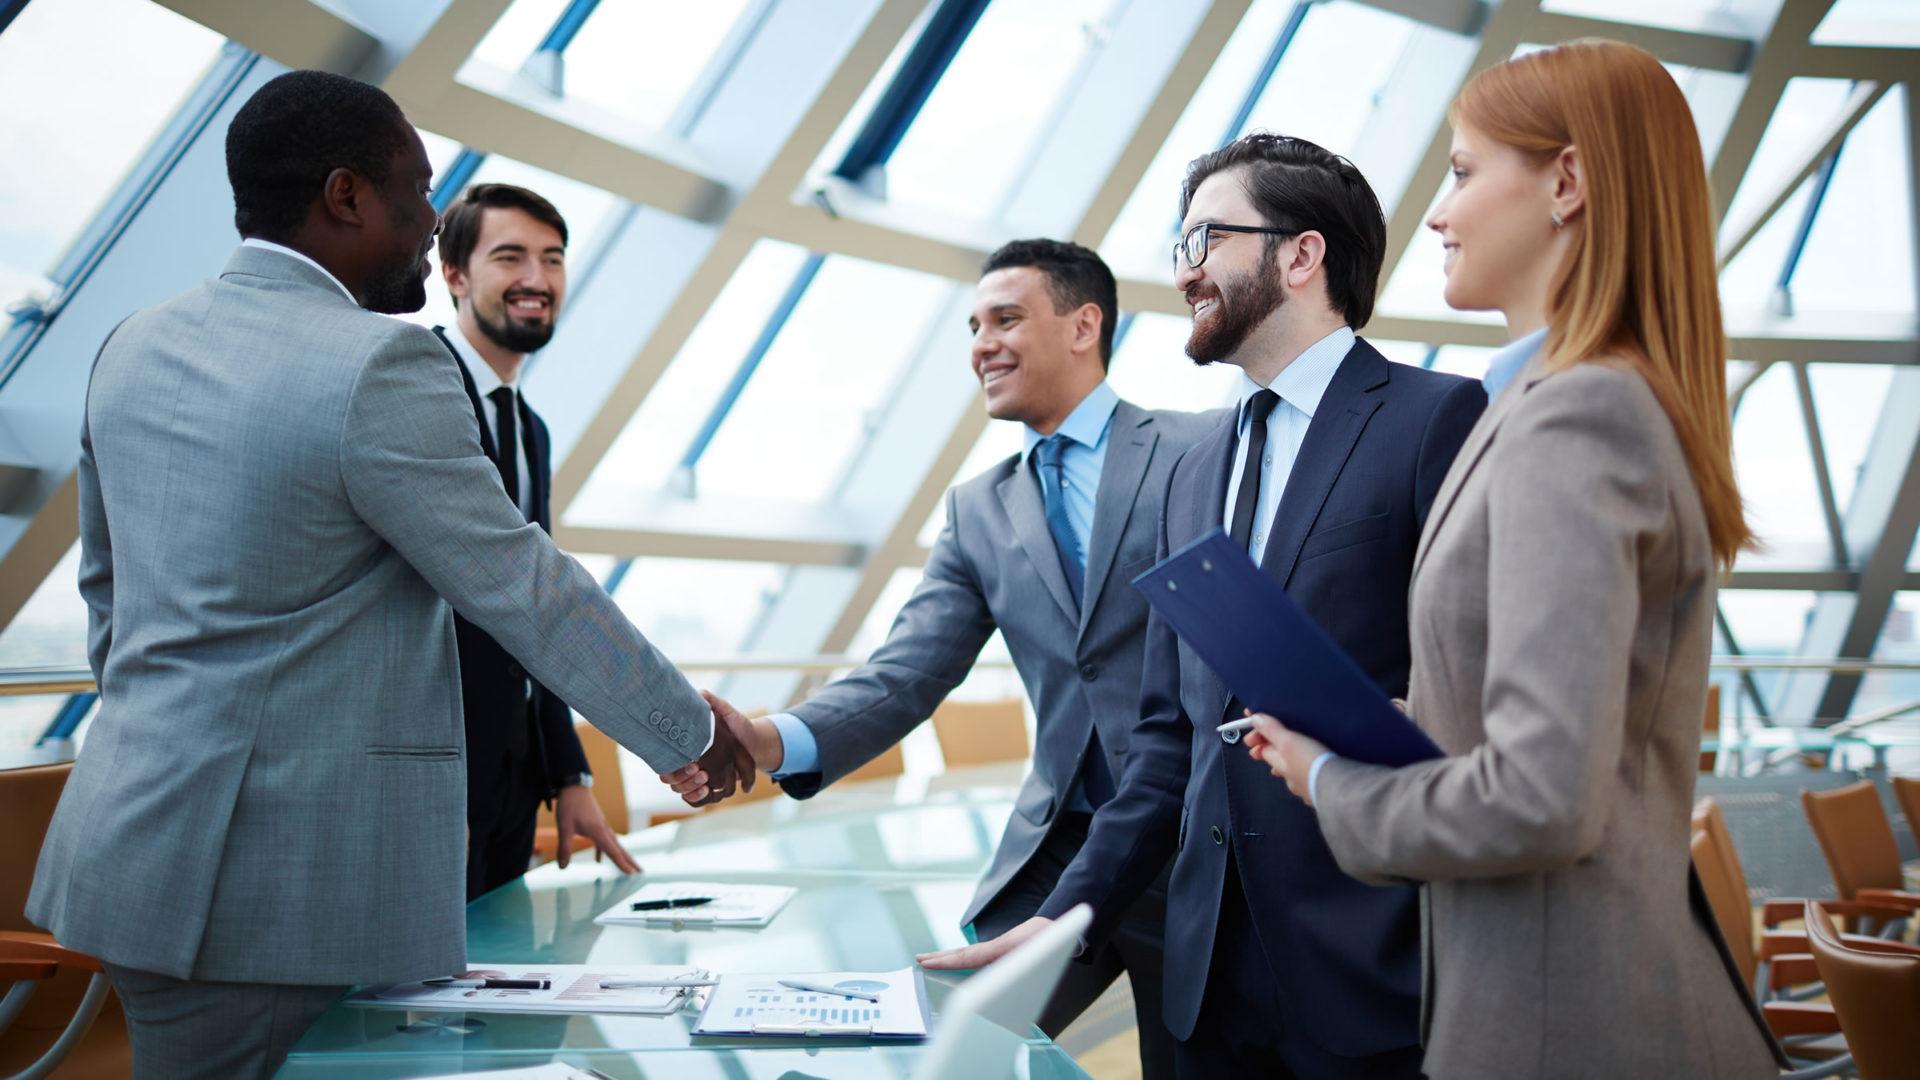 Le 7 cose da evitare sempre per una comunicazione vincente nel business